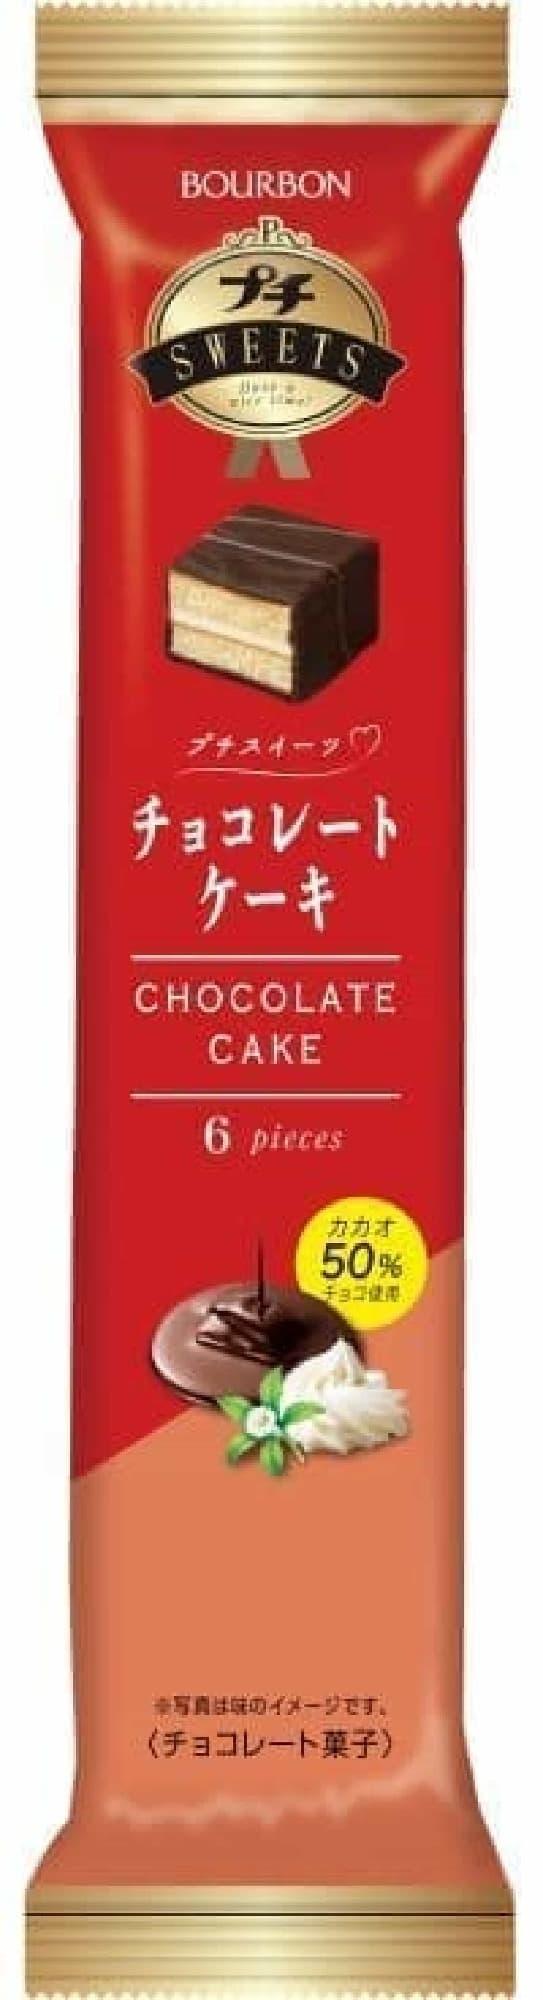 プチスイーツチョコレートケーキ